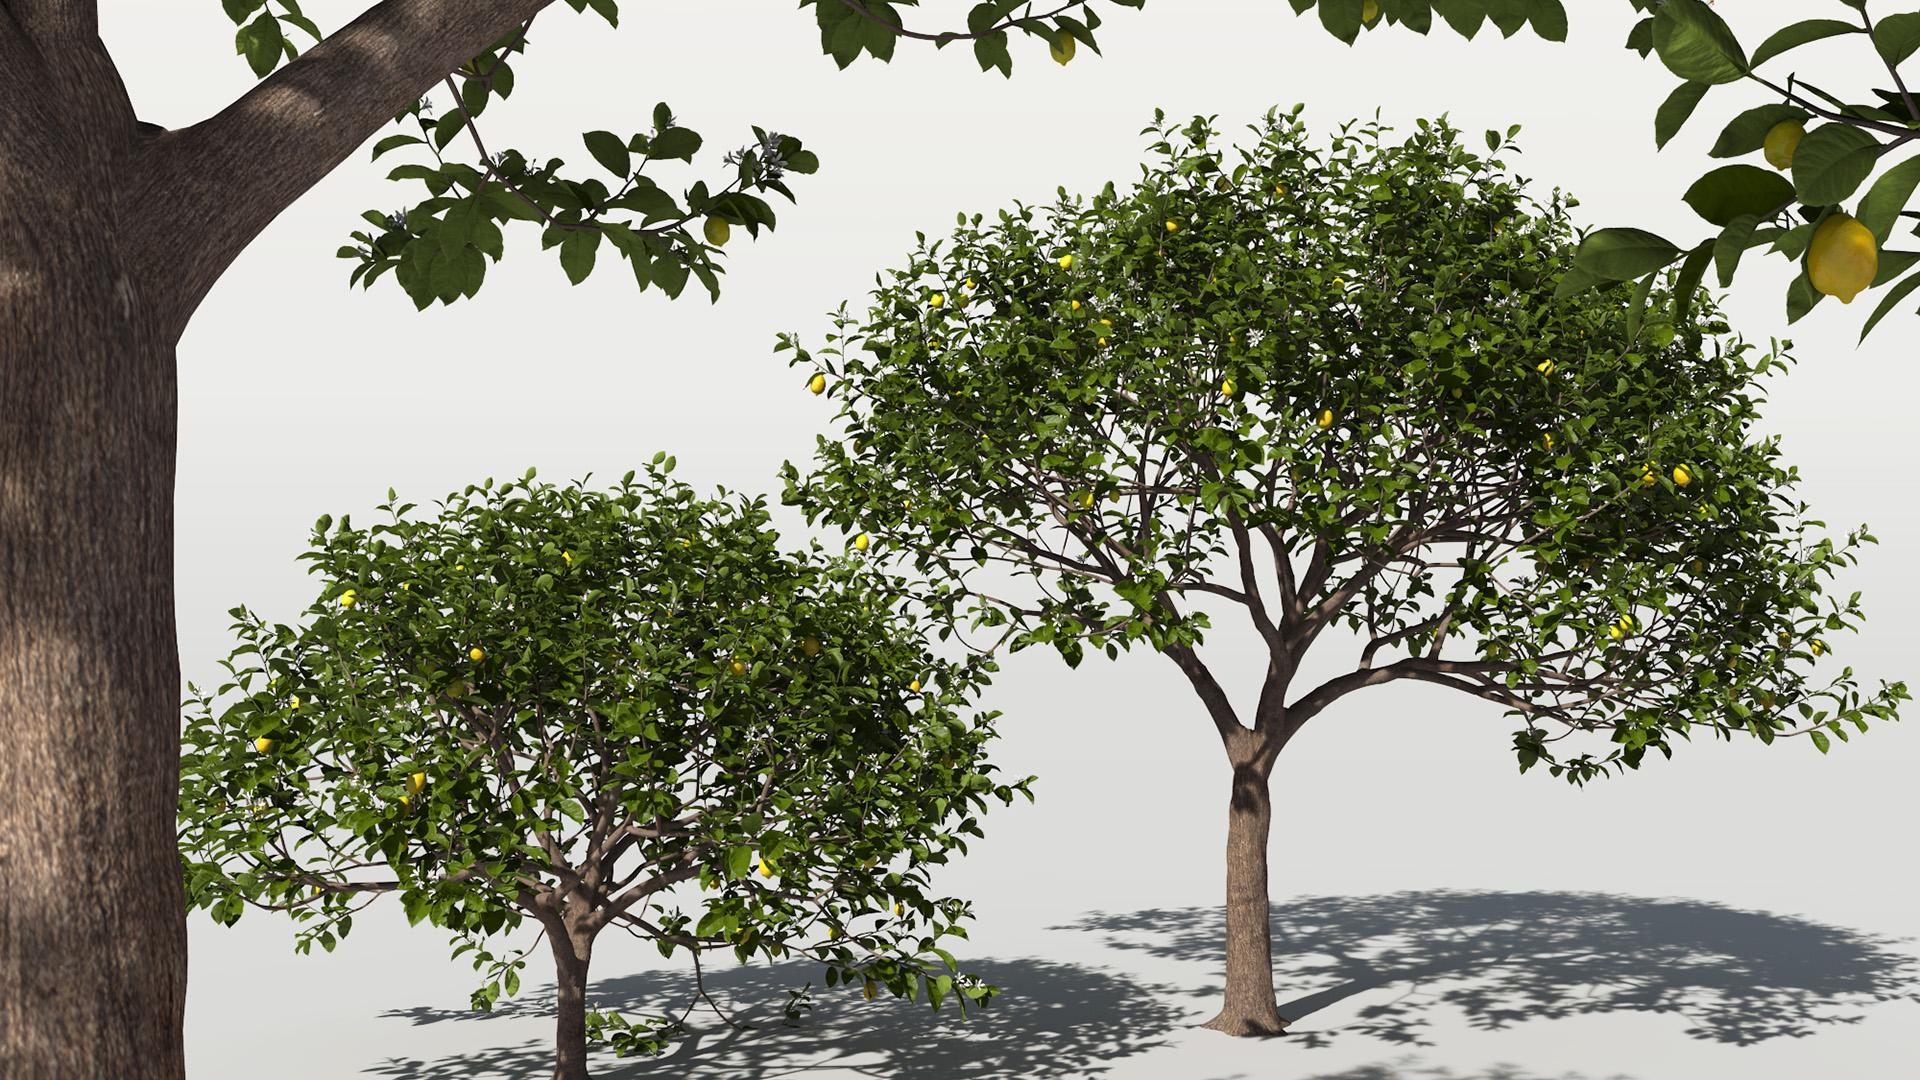 3D model of the Lemon tree Citrus x limon different presets